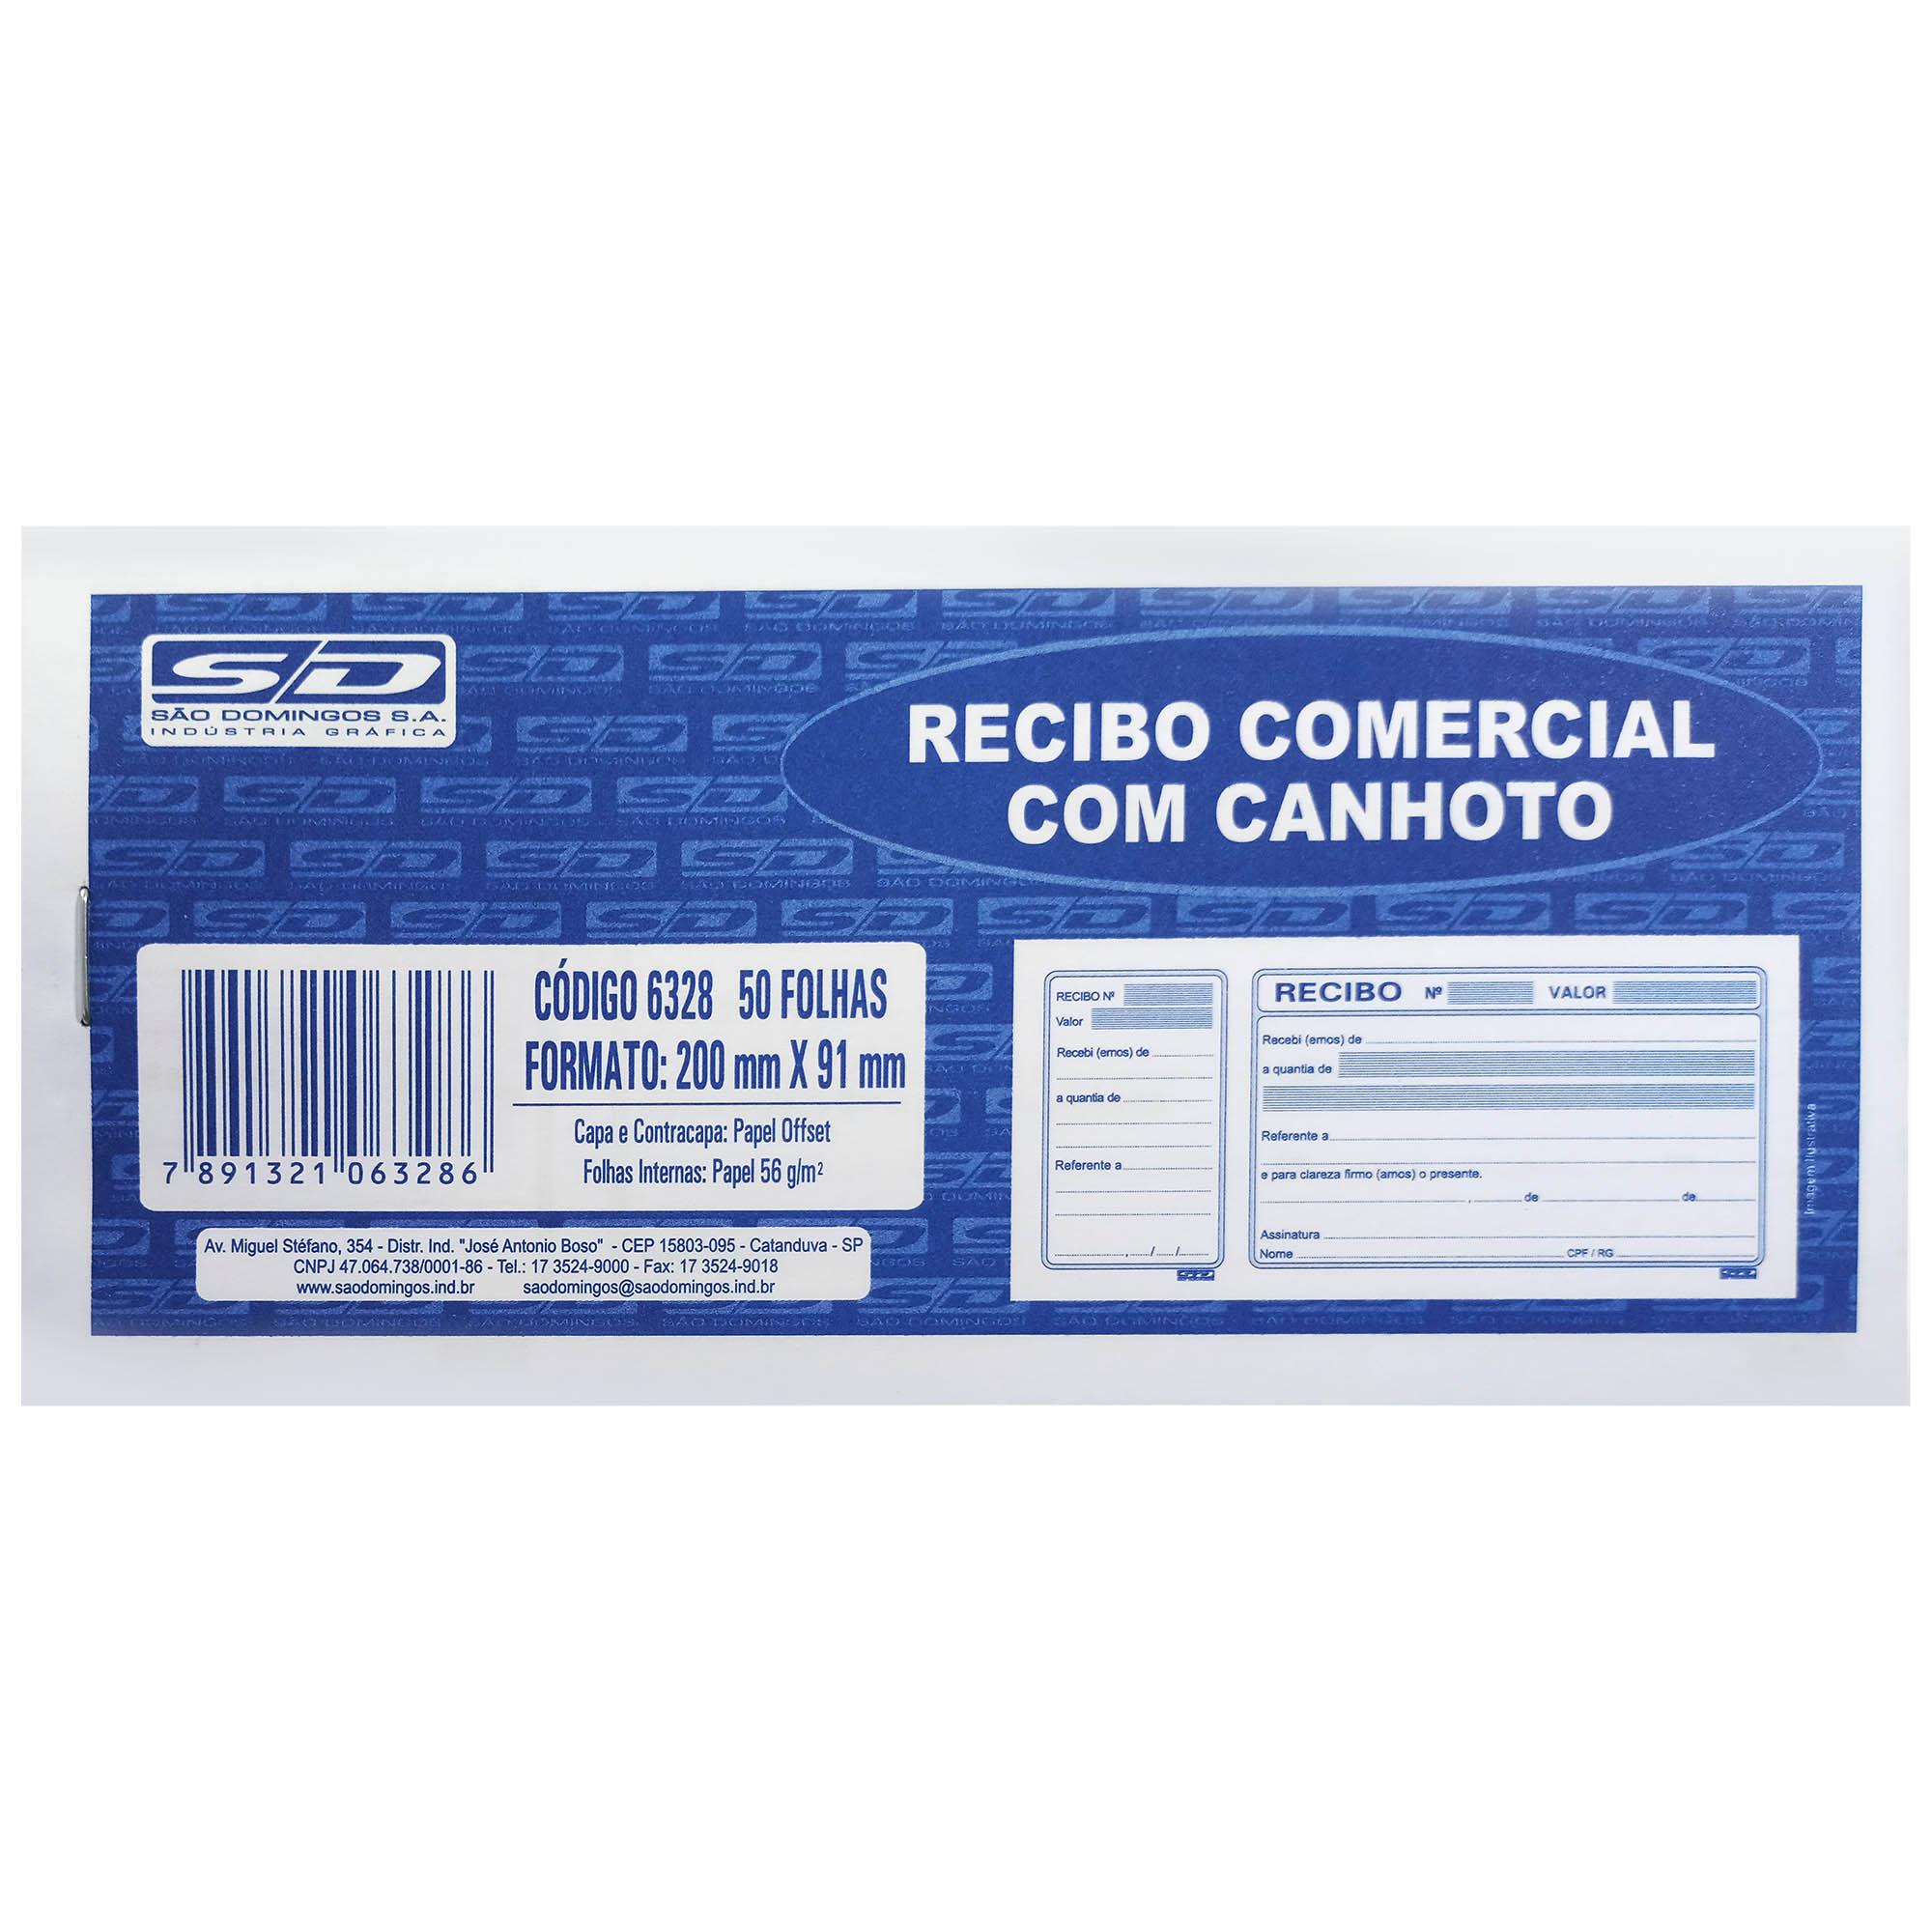 Impresso Recibo Comercial Com Canhoto 50f 6328-9 - Sao Domingos